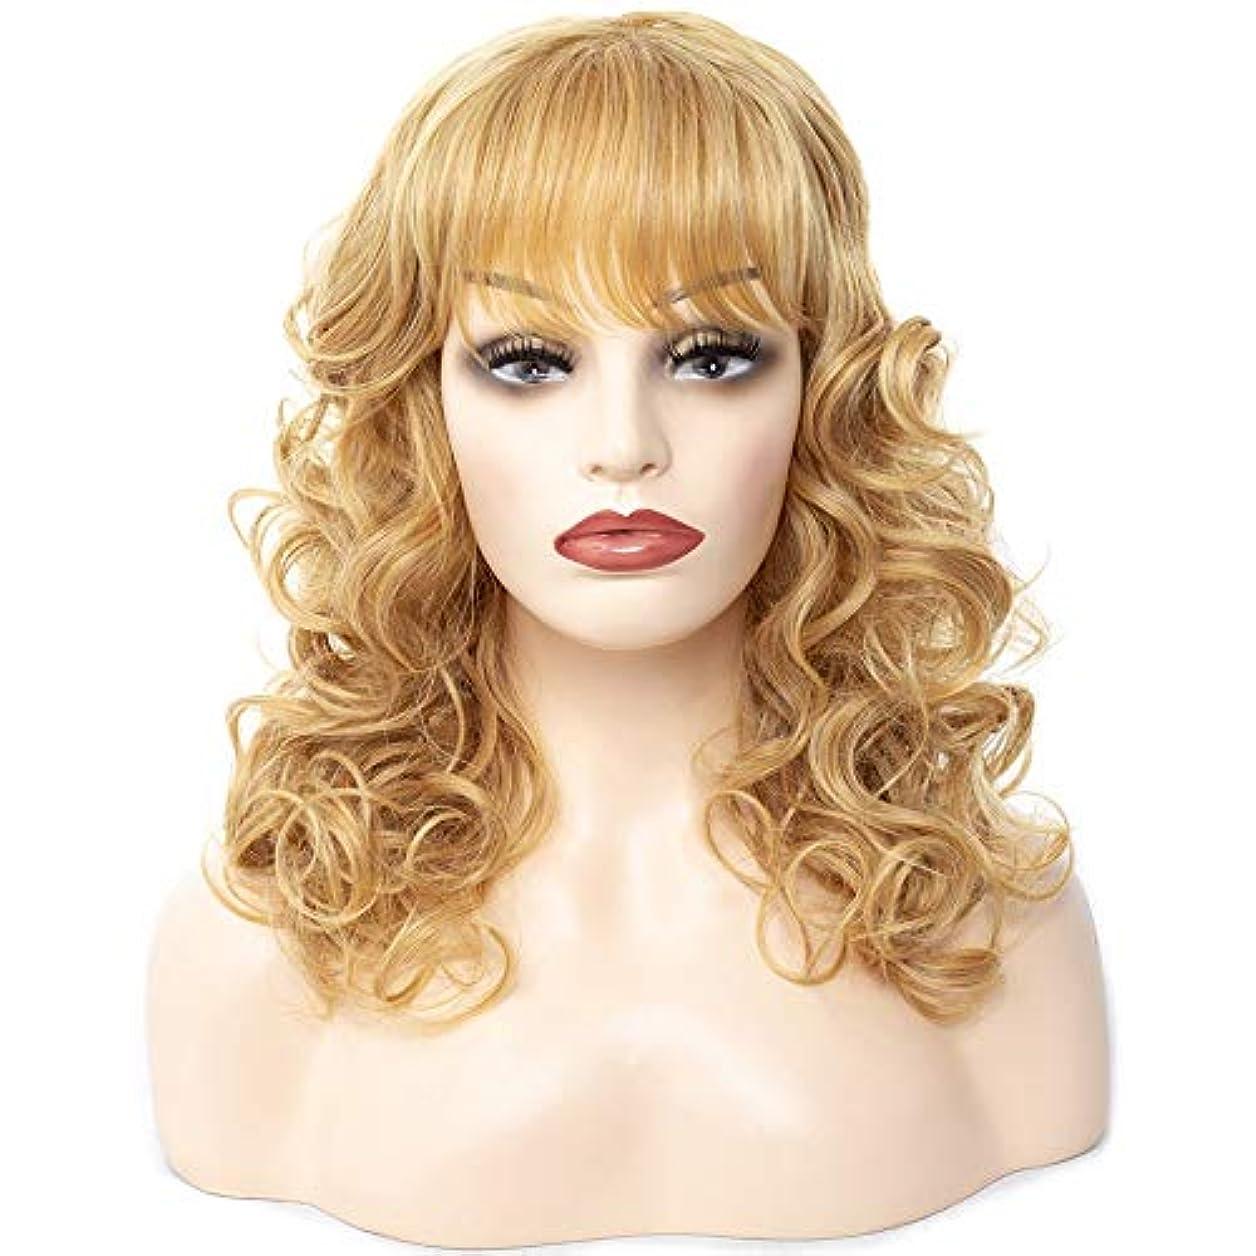 シュガー元気領事館WASAIO 髪の毛の合成かつらスタイルの交換女性、コスプレ衣装または毎日の黄色の長い巻き毛のかつらアクセサリー (色 : イエロー, サイズ : 45cm)